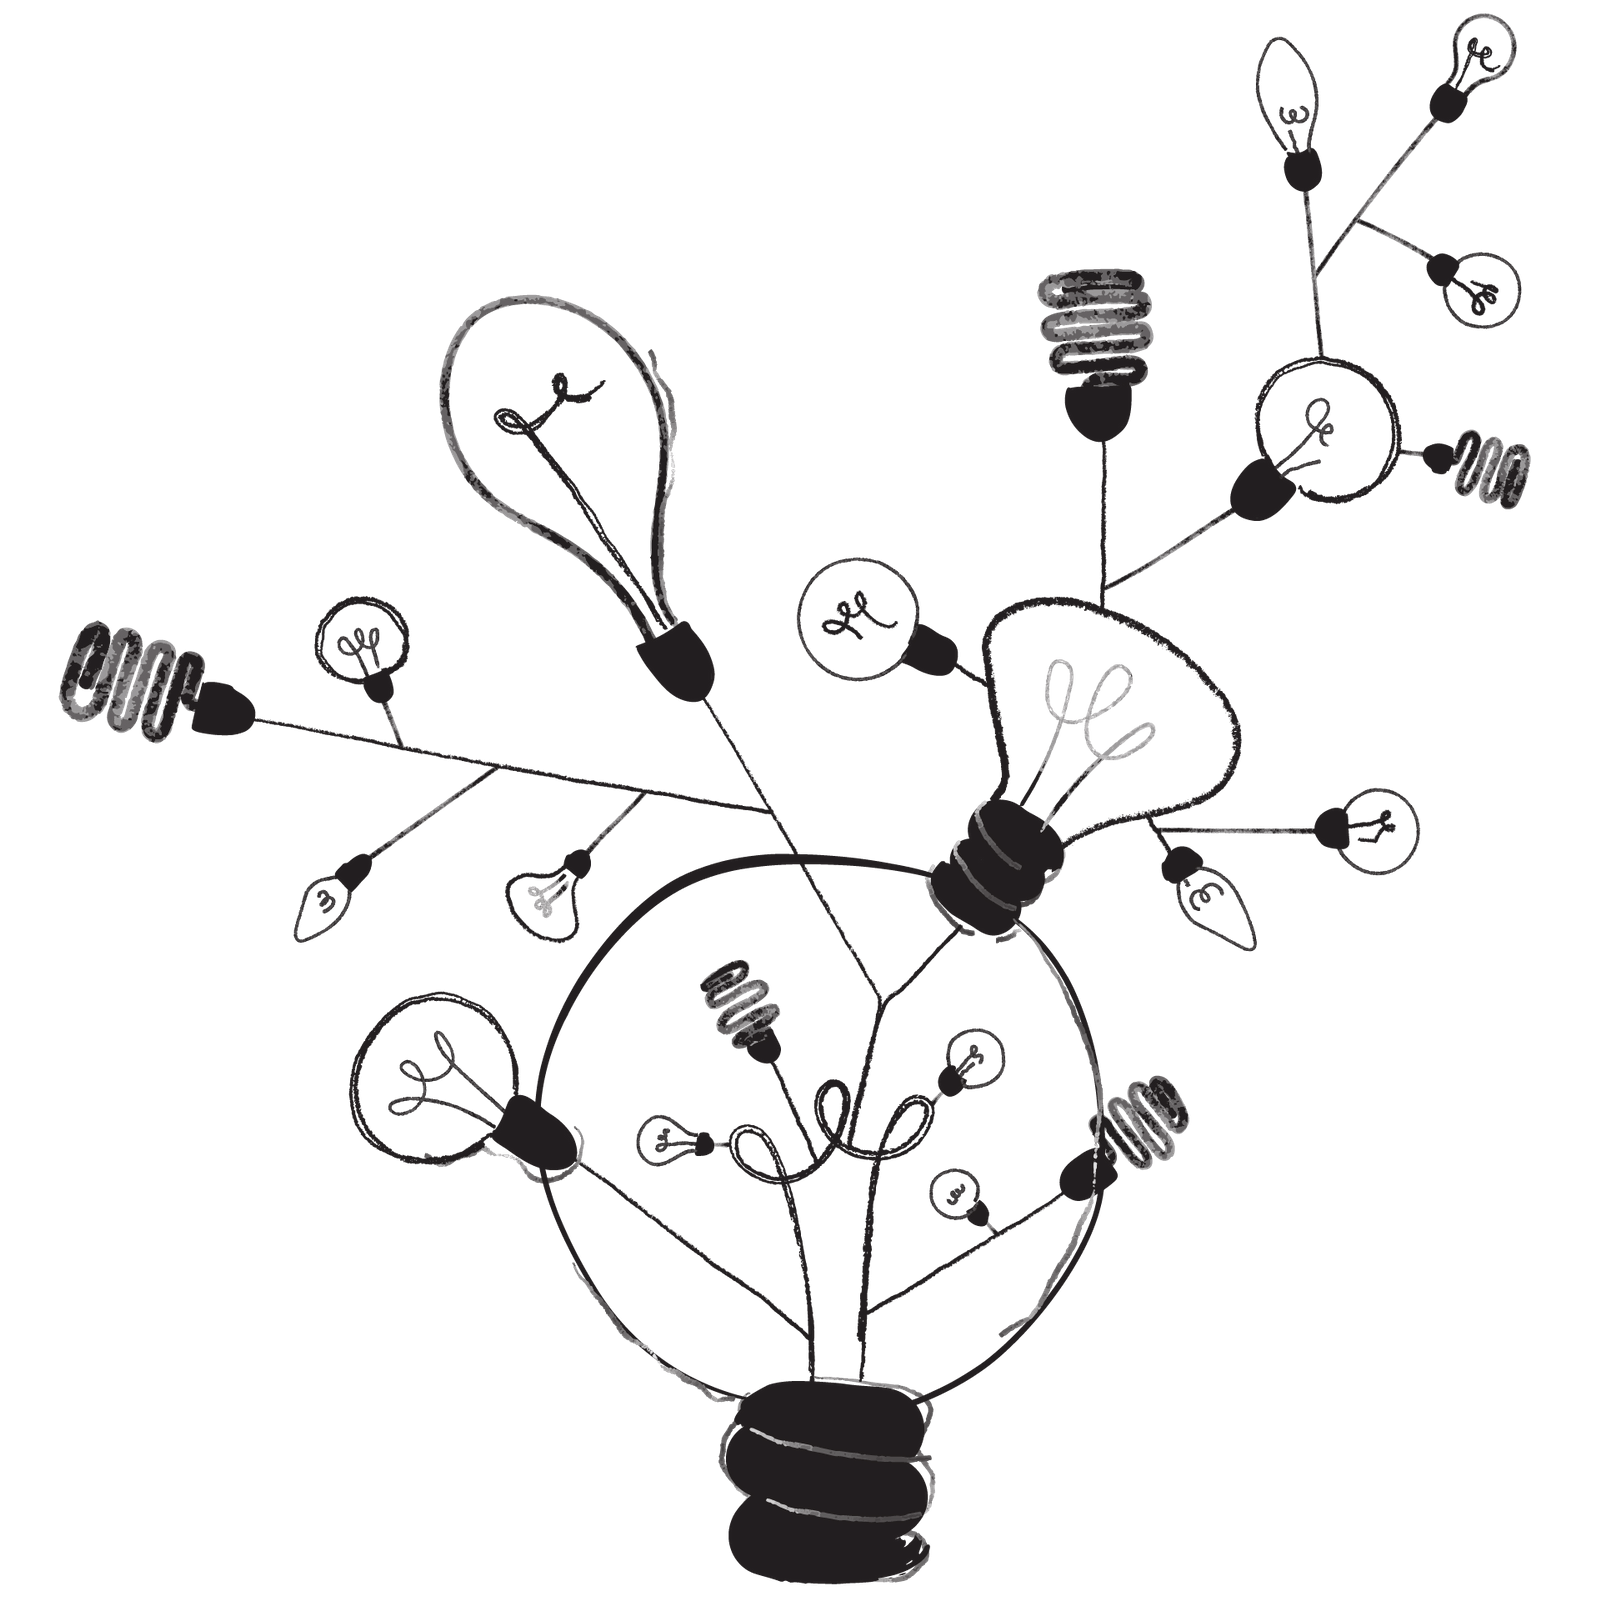 Illustrierter Baum aus Glühbirnen